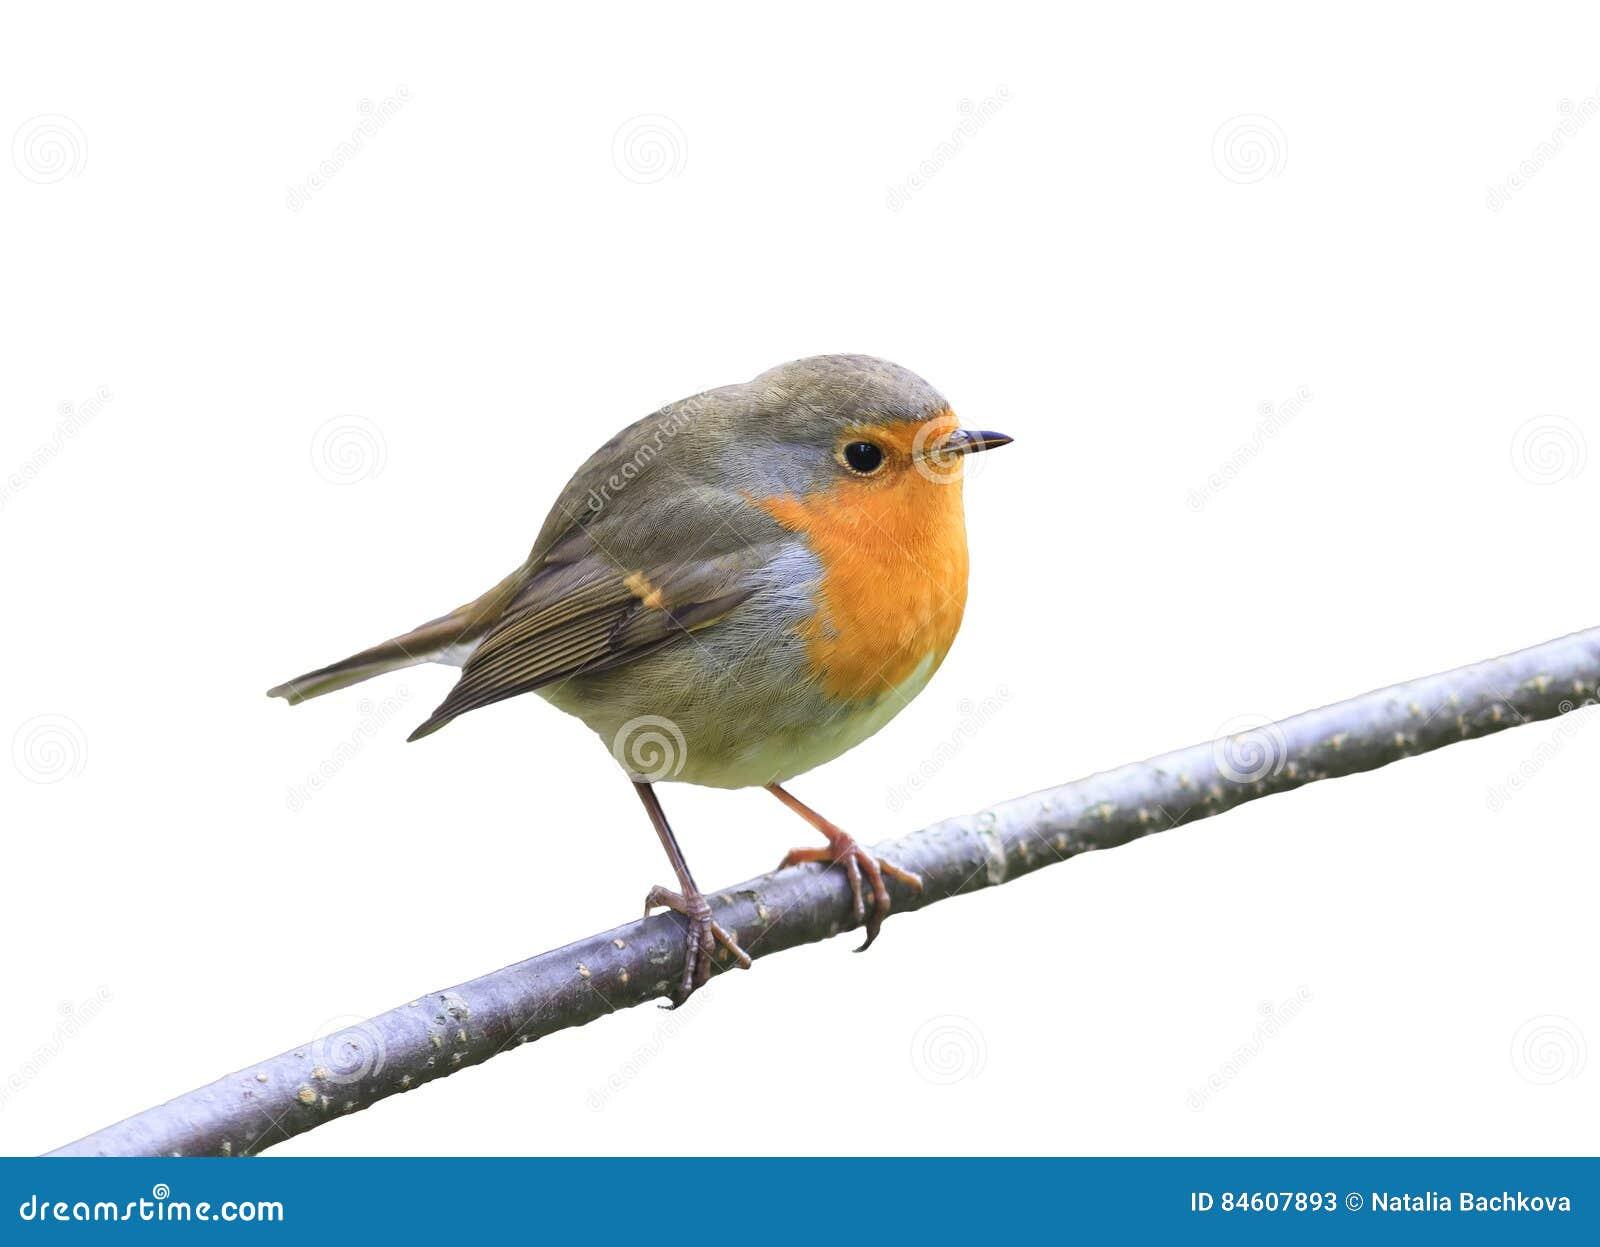 Κόκκινο πουλί Robin που κάθεται σε έναν κλάδο στο πάρκο σε ένα απομονωμένο λευκό υπόβαθρο